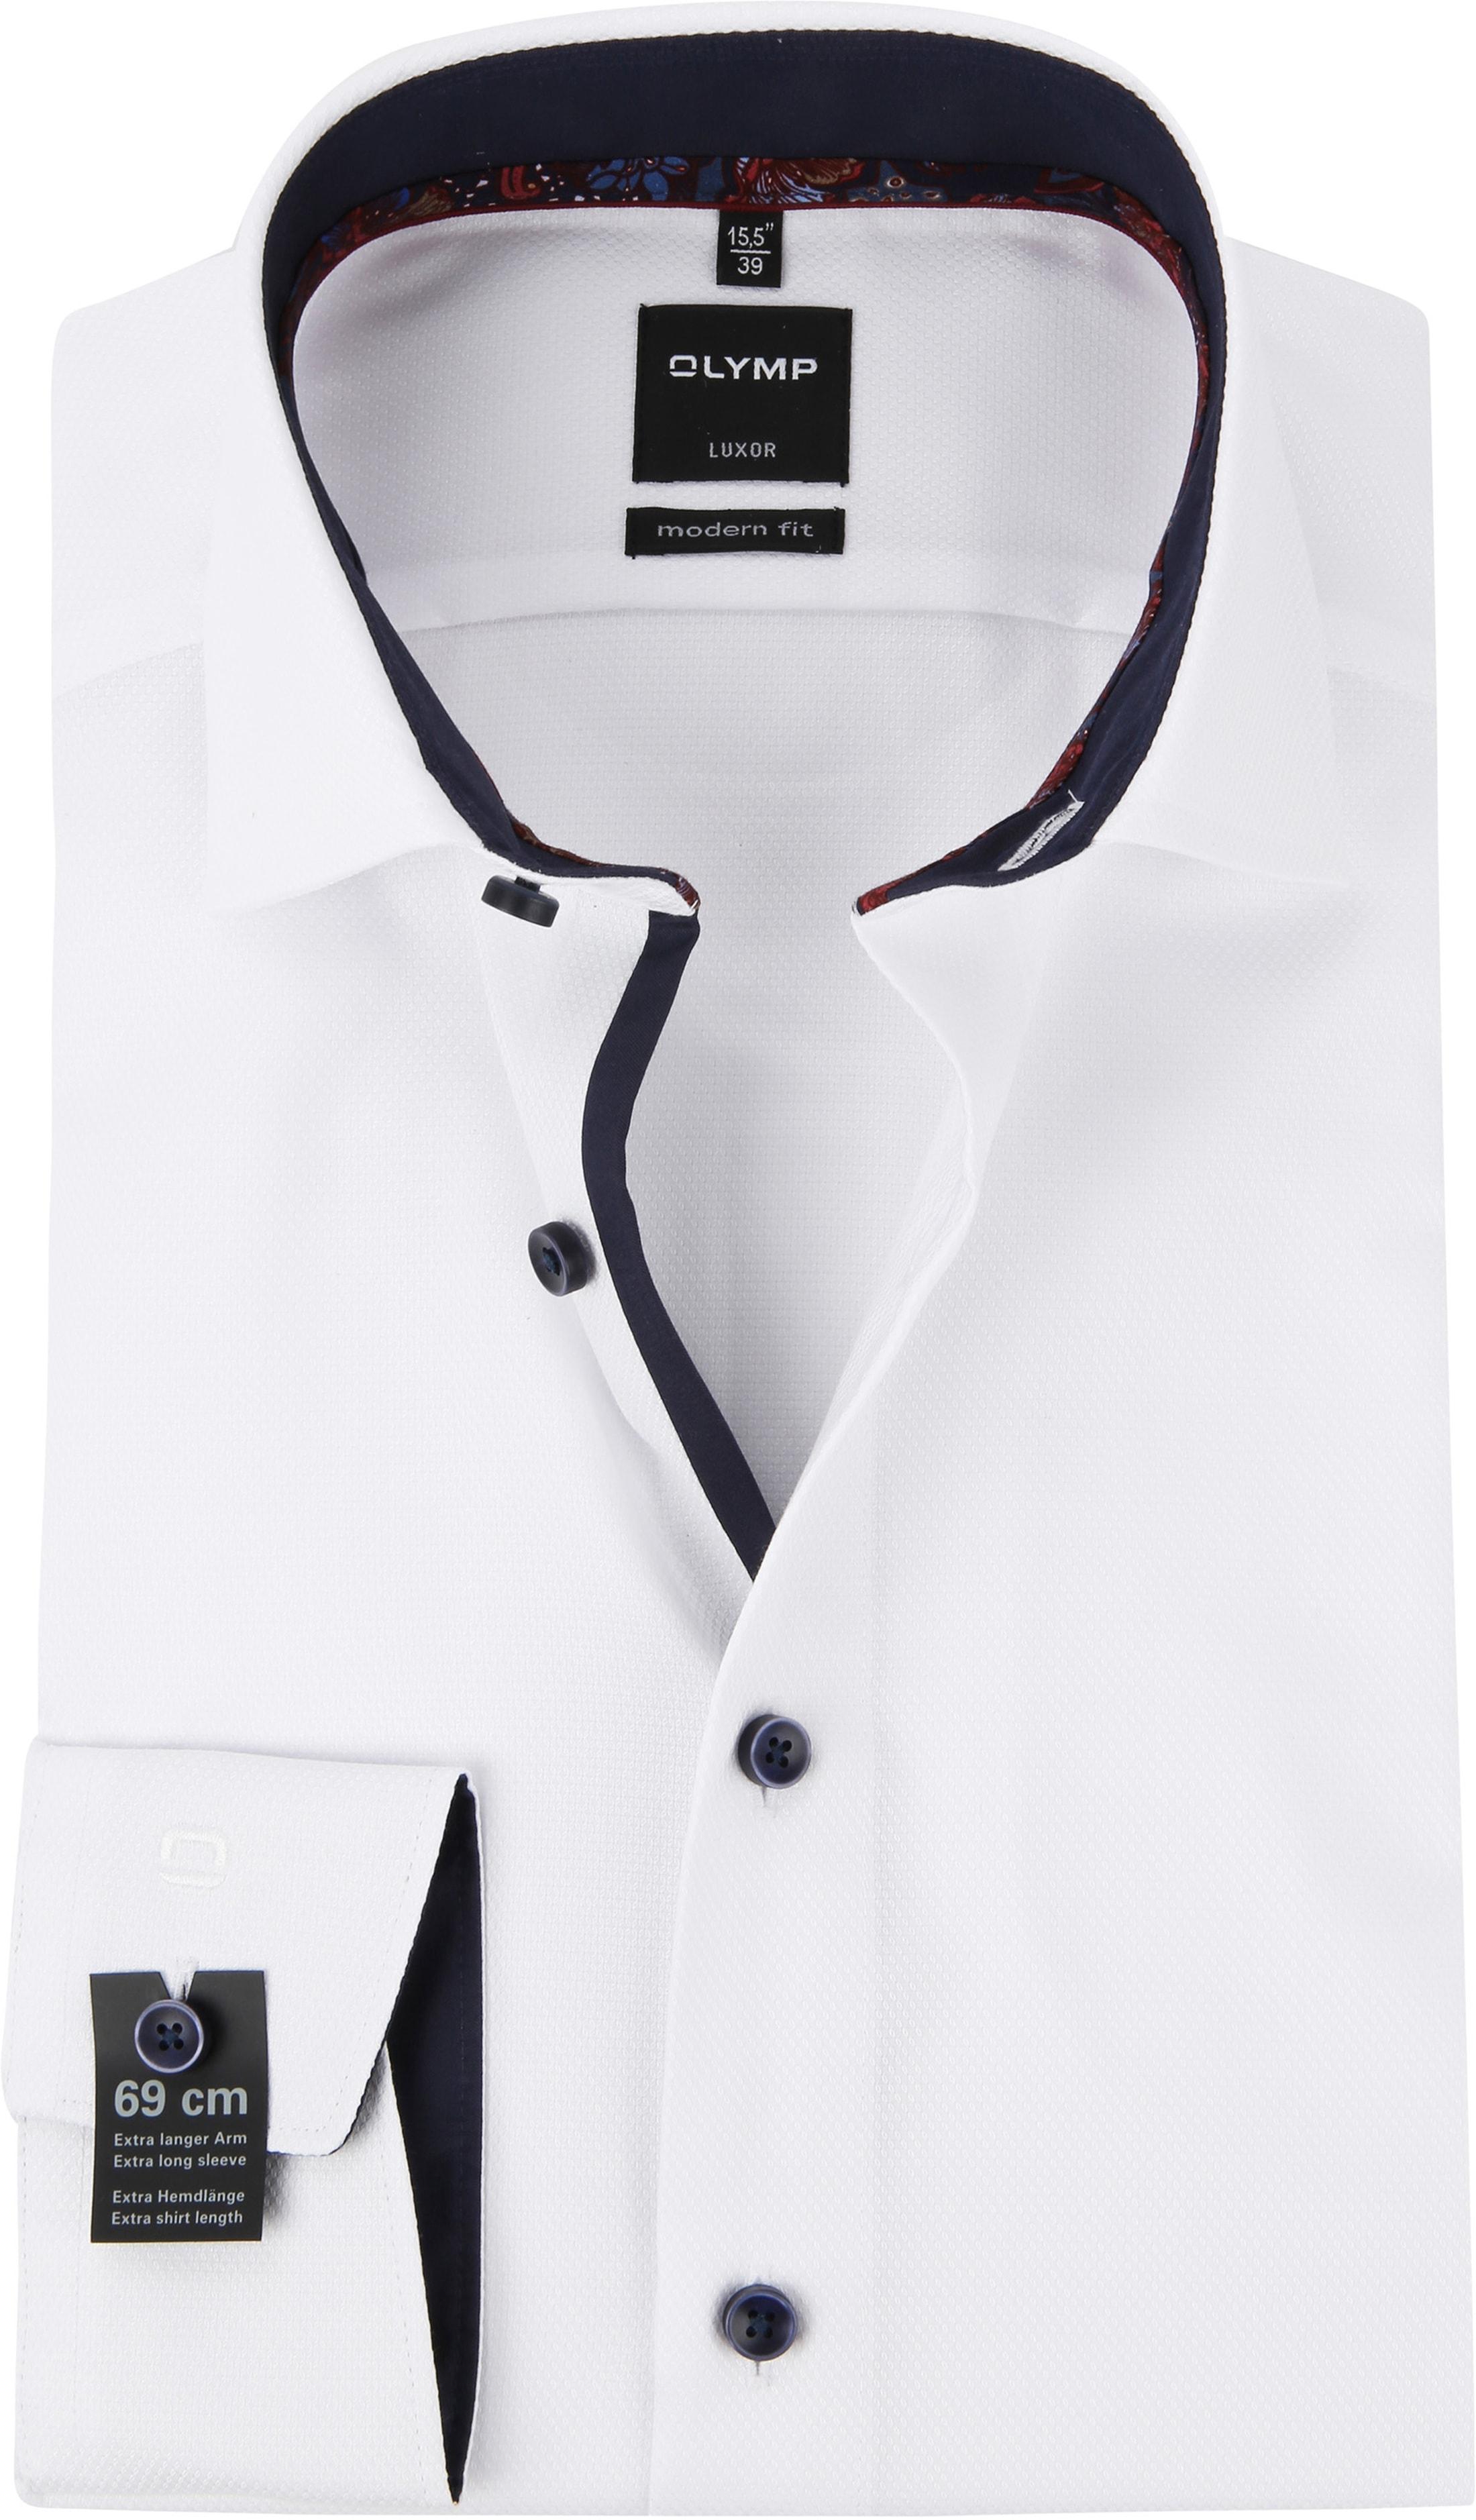 OLYMP Luxor MF Hemd Weiß Dessin SL7 120449 online kaufen